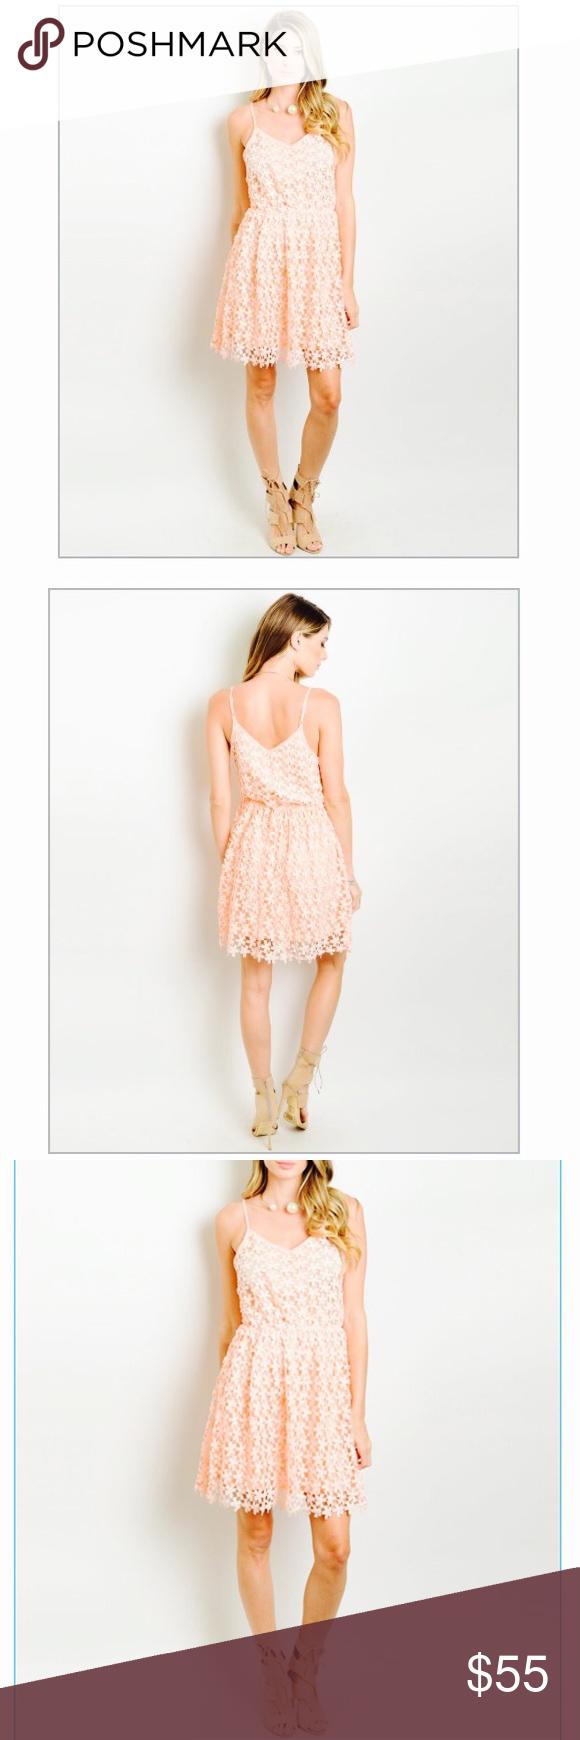 💕CLOSEOUT SALE💕 Imogen Blush Crochet Dress Boutique